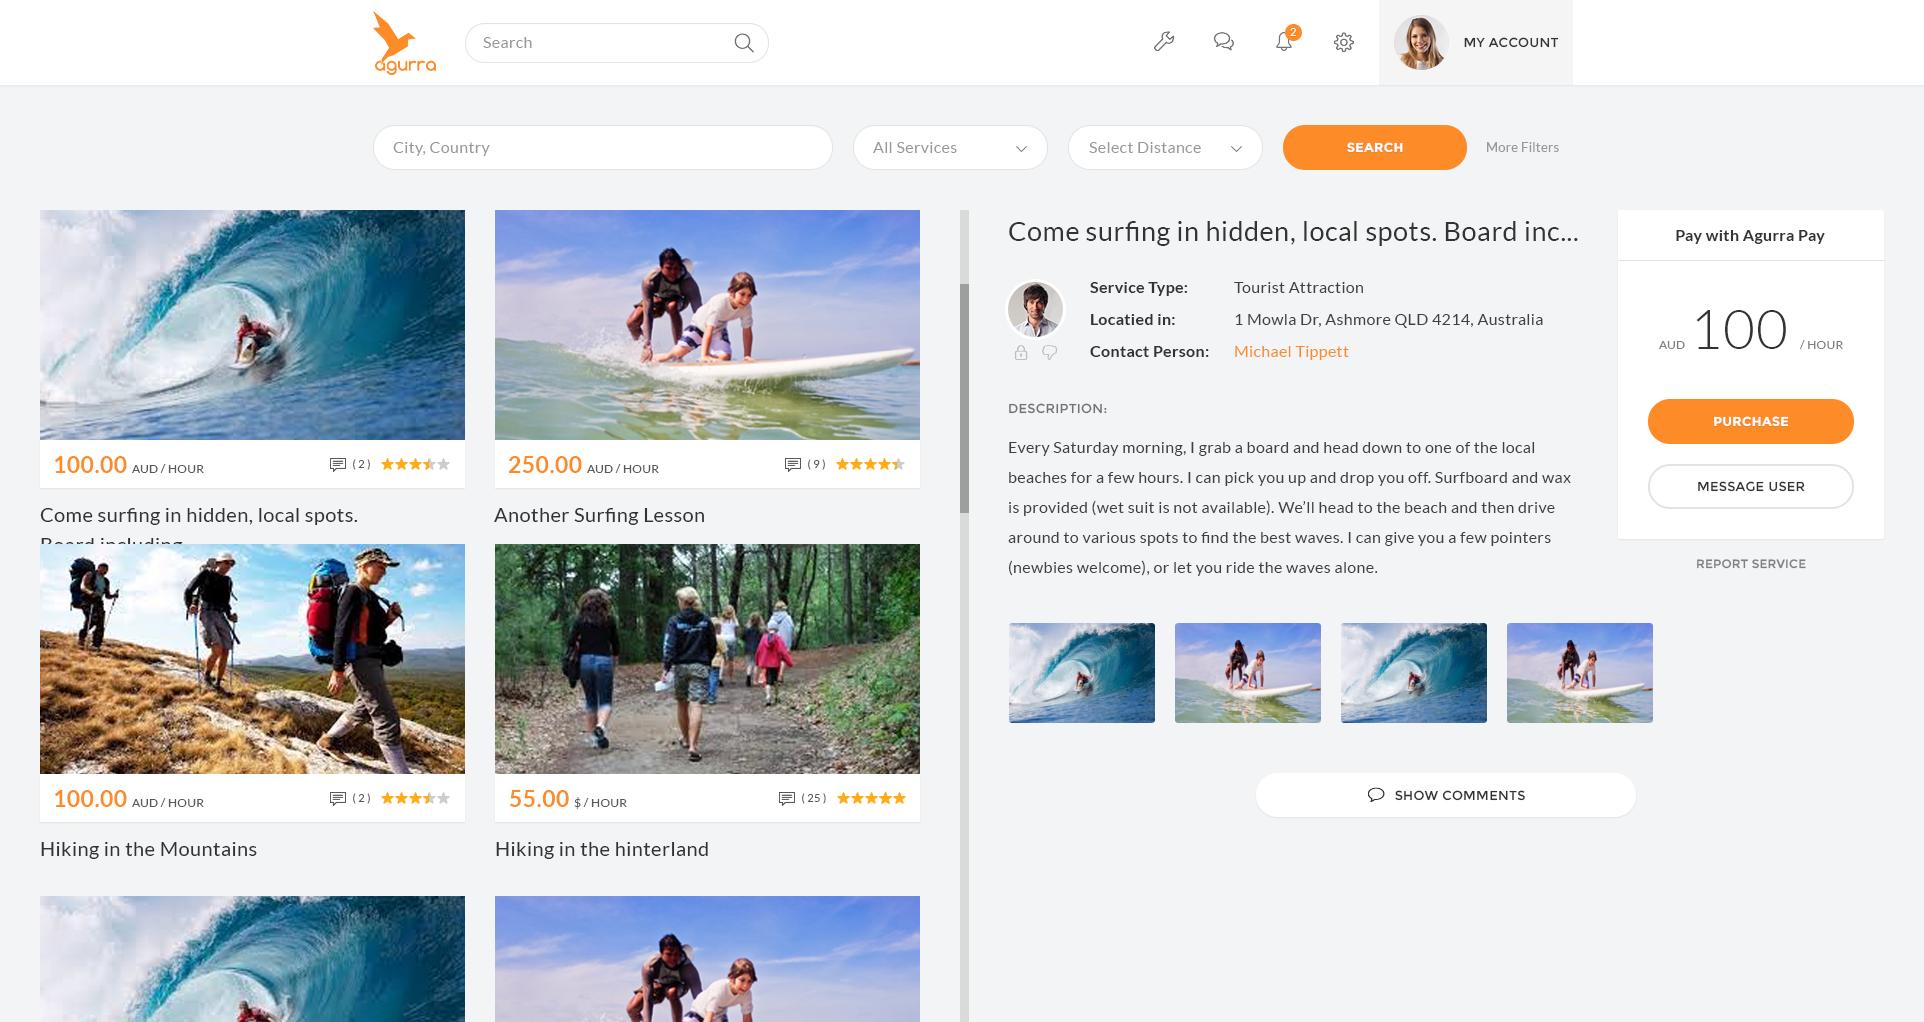 Agurra Website Design